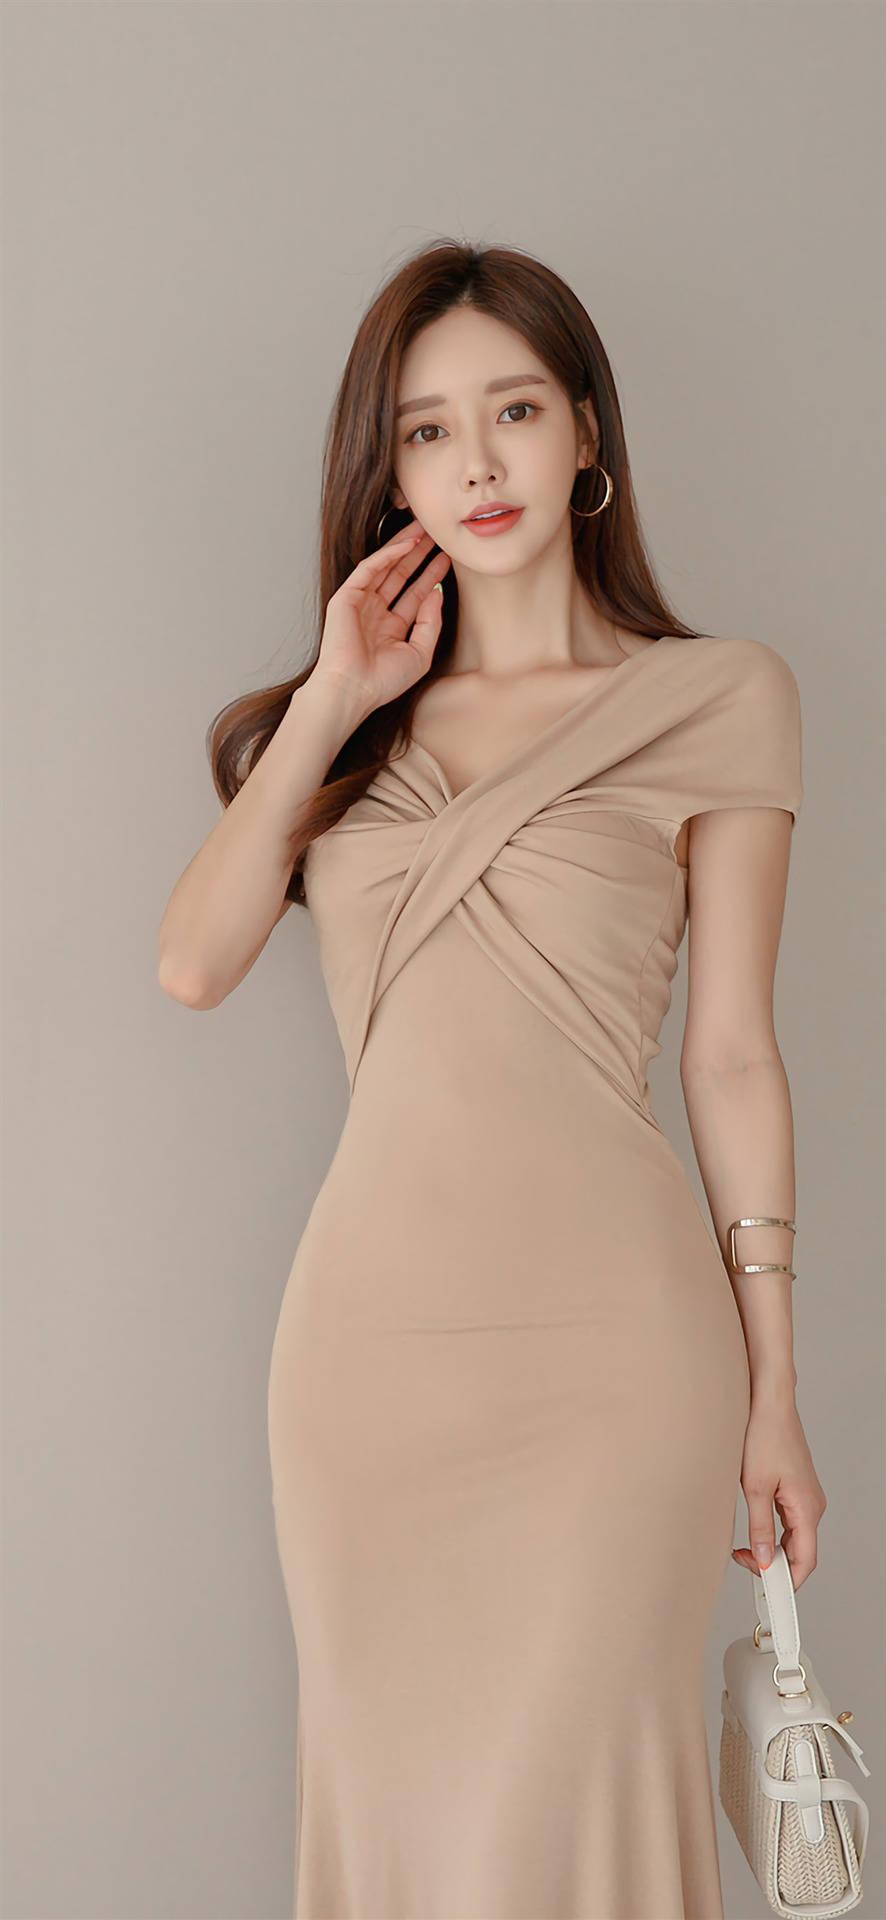 孙允珠女神气质的礼裙展示了优雅与内涵之美